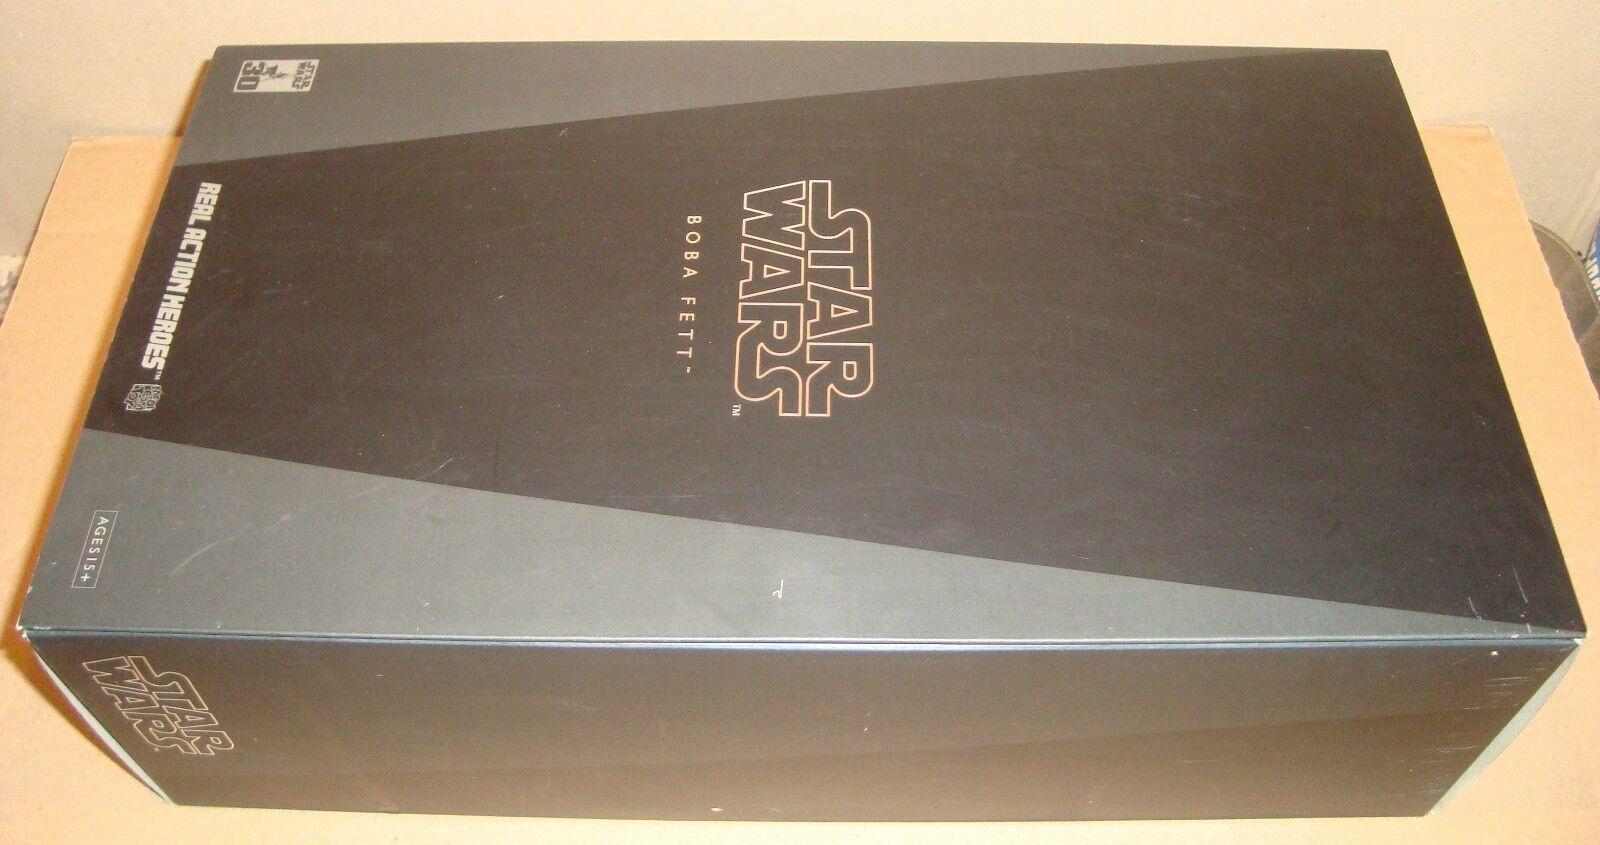 Star wars medrah-320 boba fett medicom guerre stellari taten helden